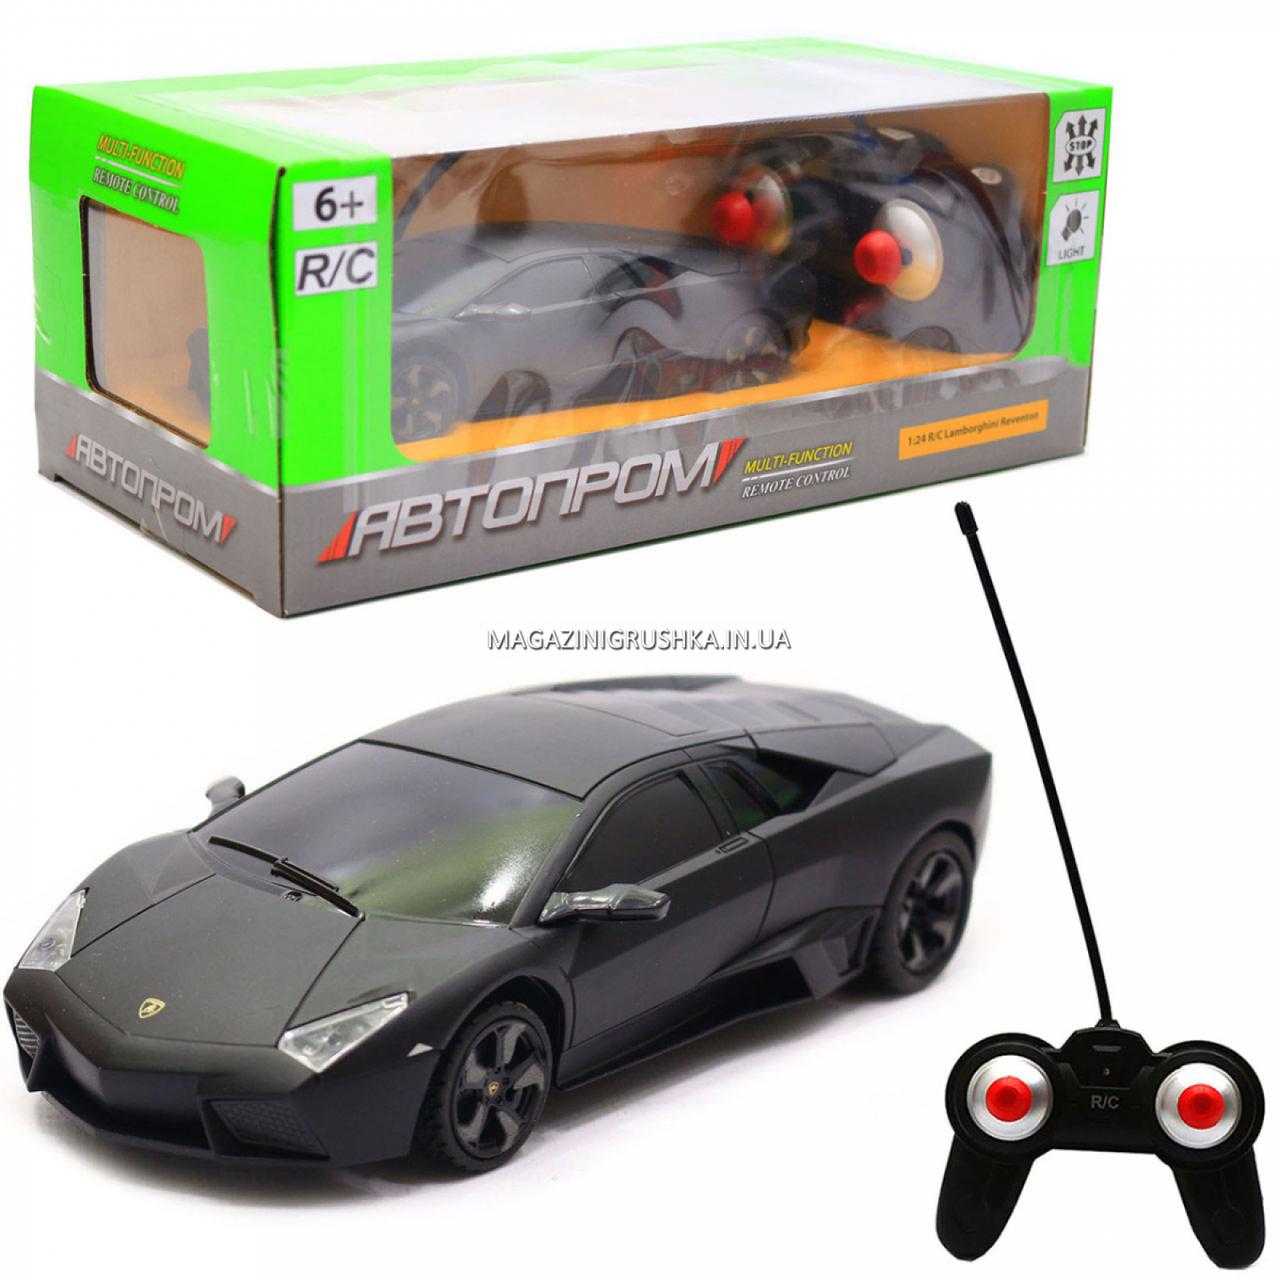 Машинка ігрова автопром на радіокеруванні Lamborghini Reventon (Ламборджині ревентон) чорний (8825)